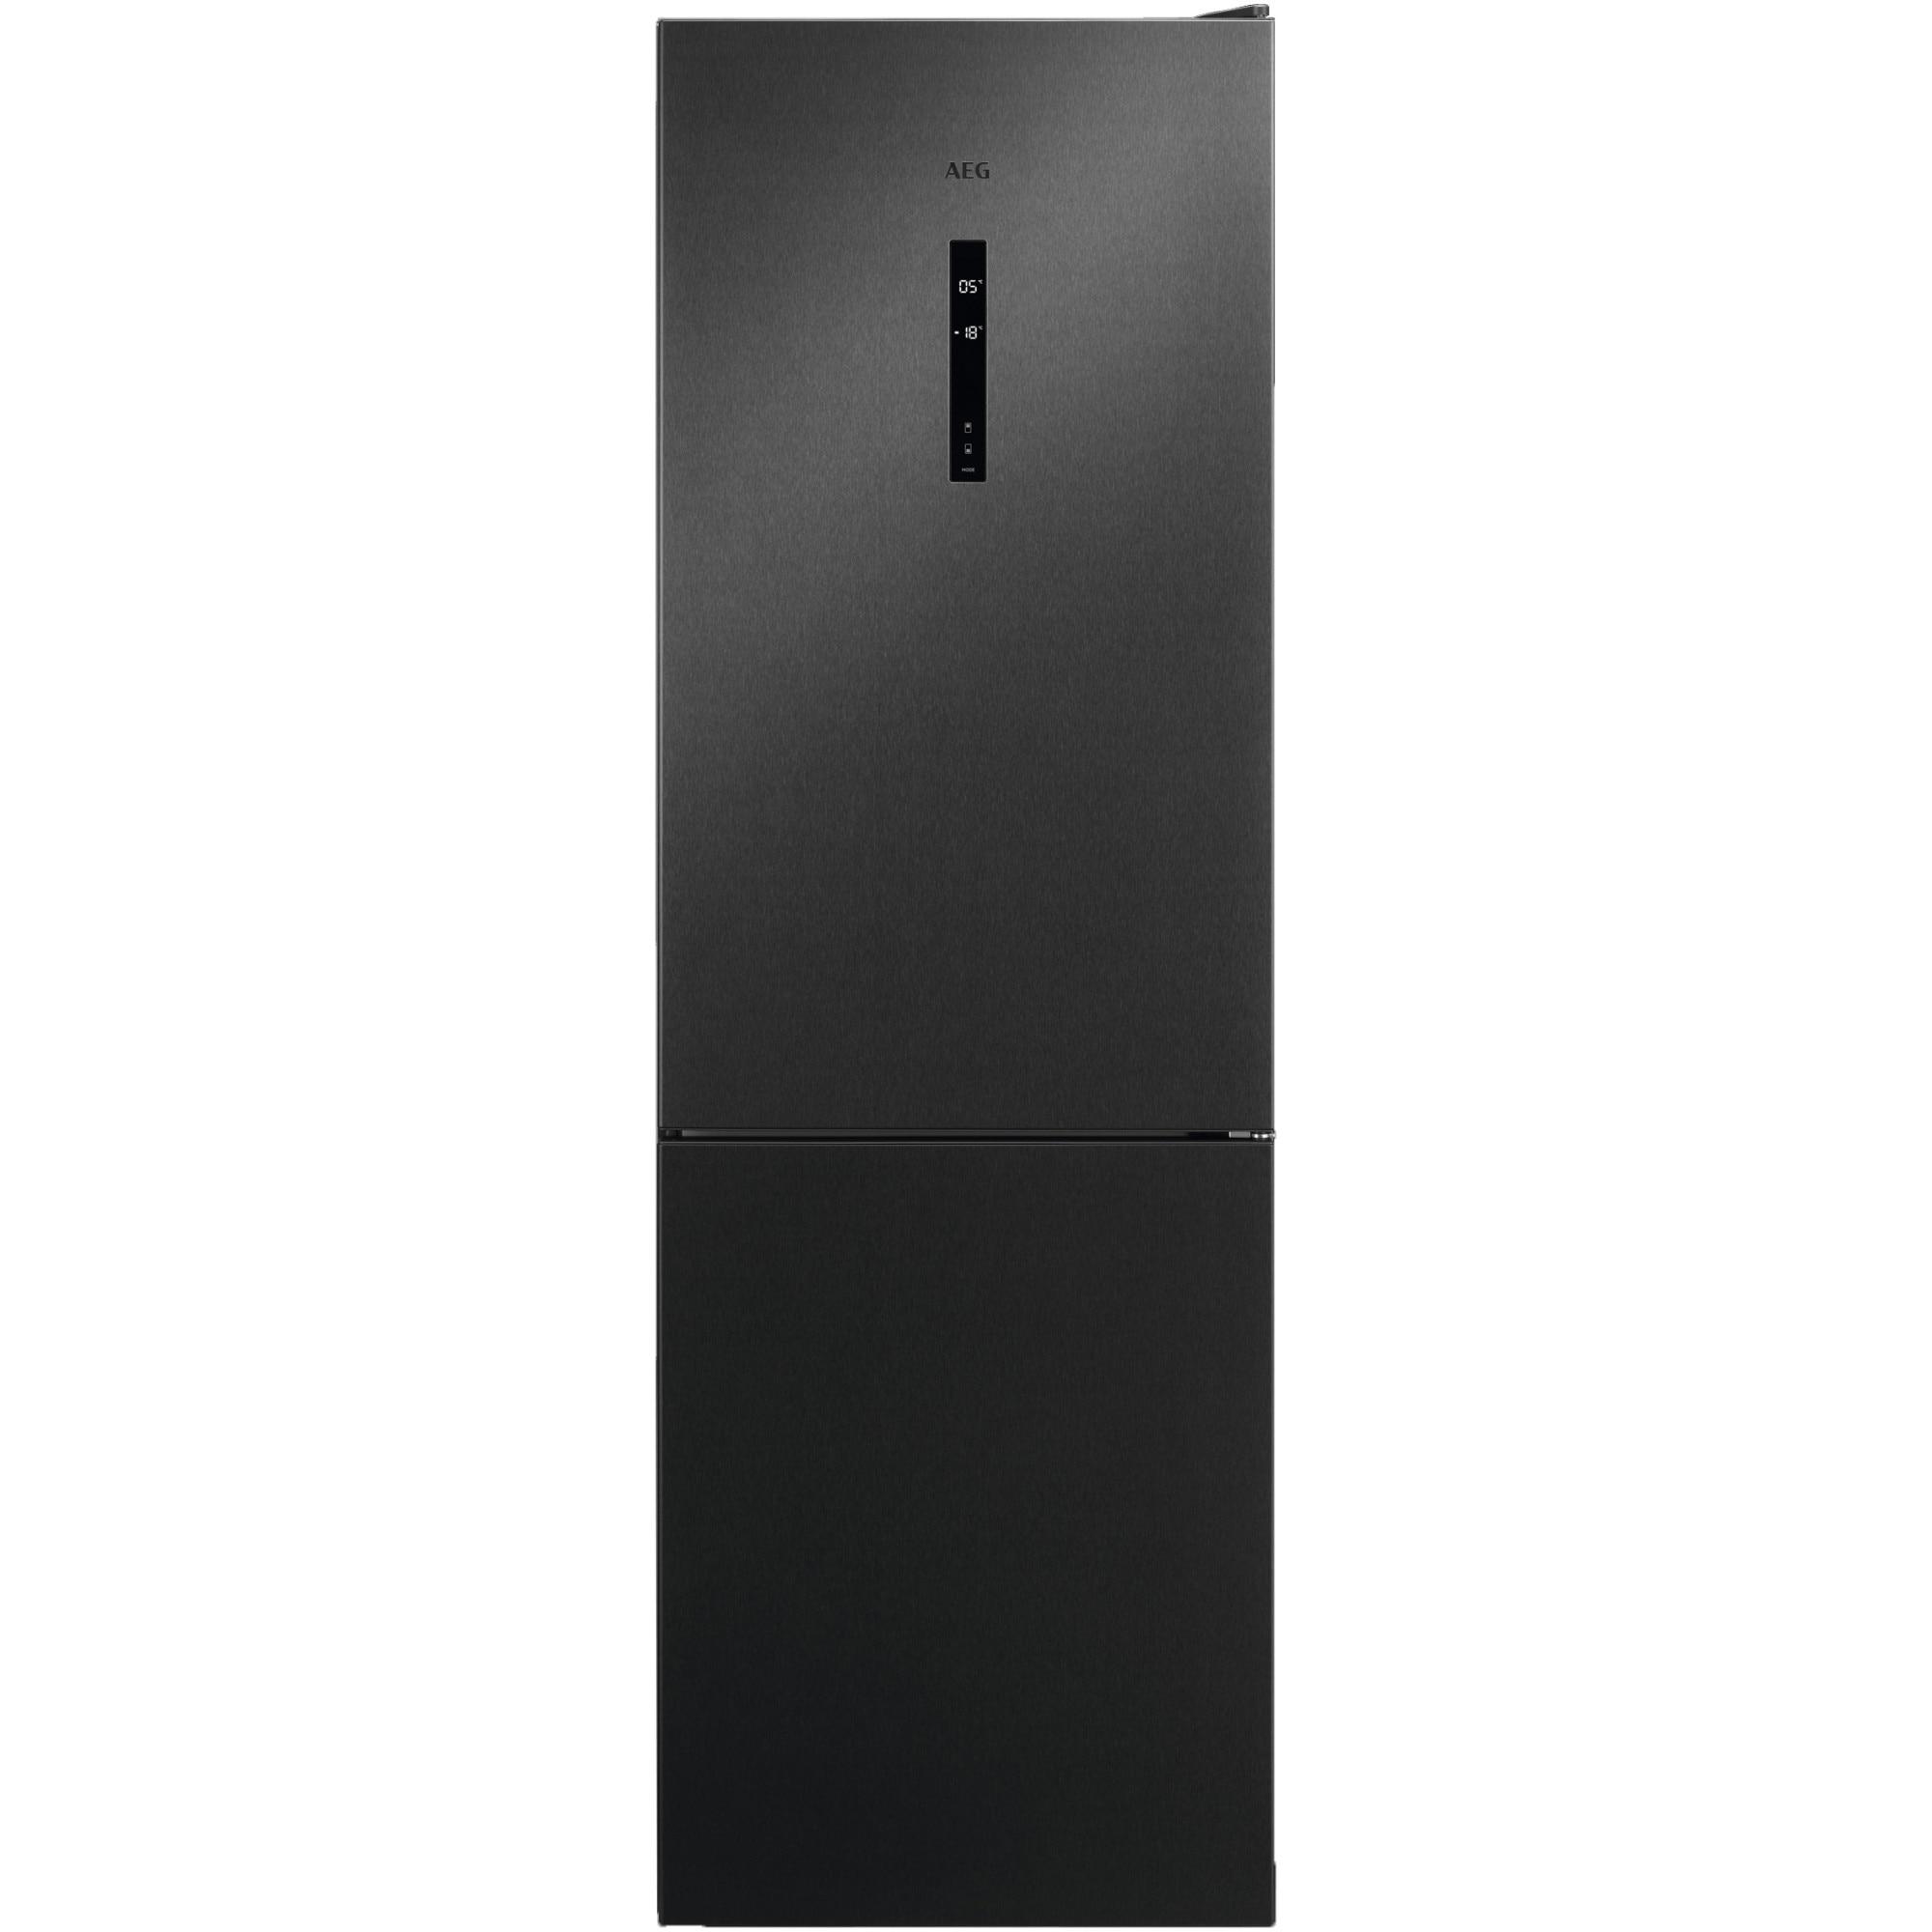 Fotografie Combina frigorifica AEG RCB732E5MB, 324 l, NoFrost, Display, Clasa A++, H 186 cm, Inox negru